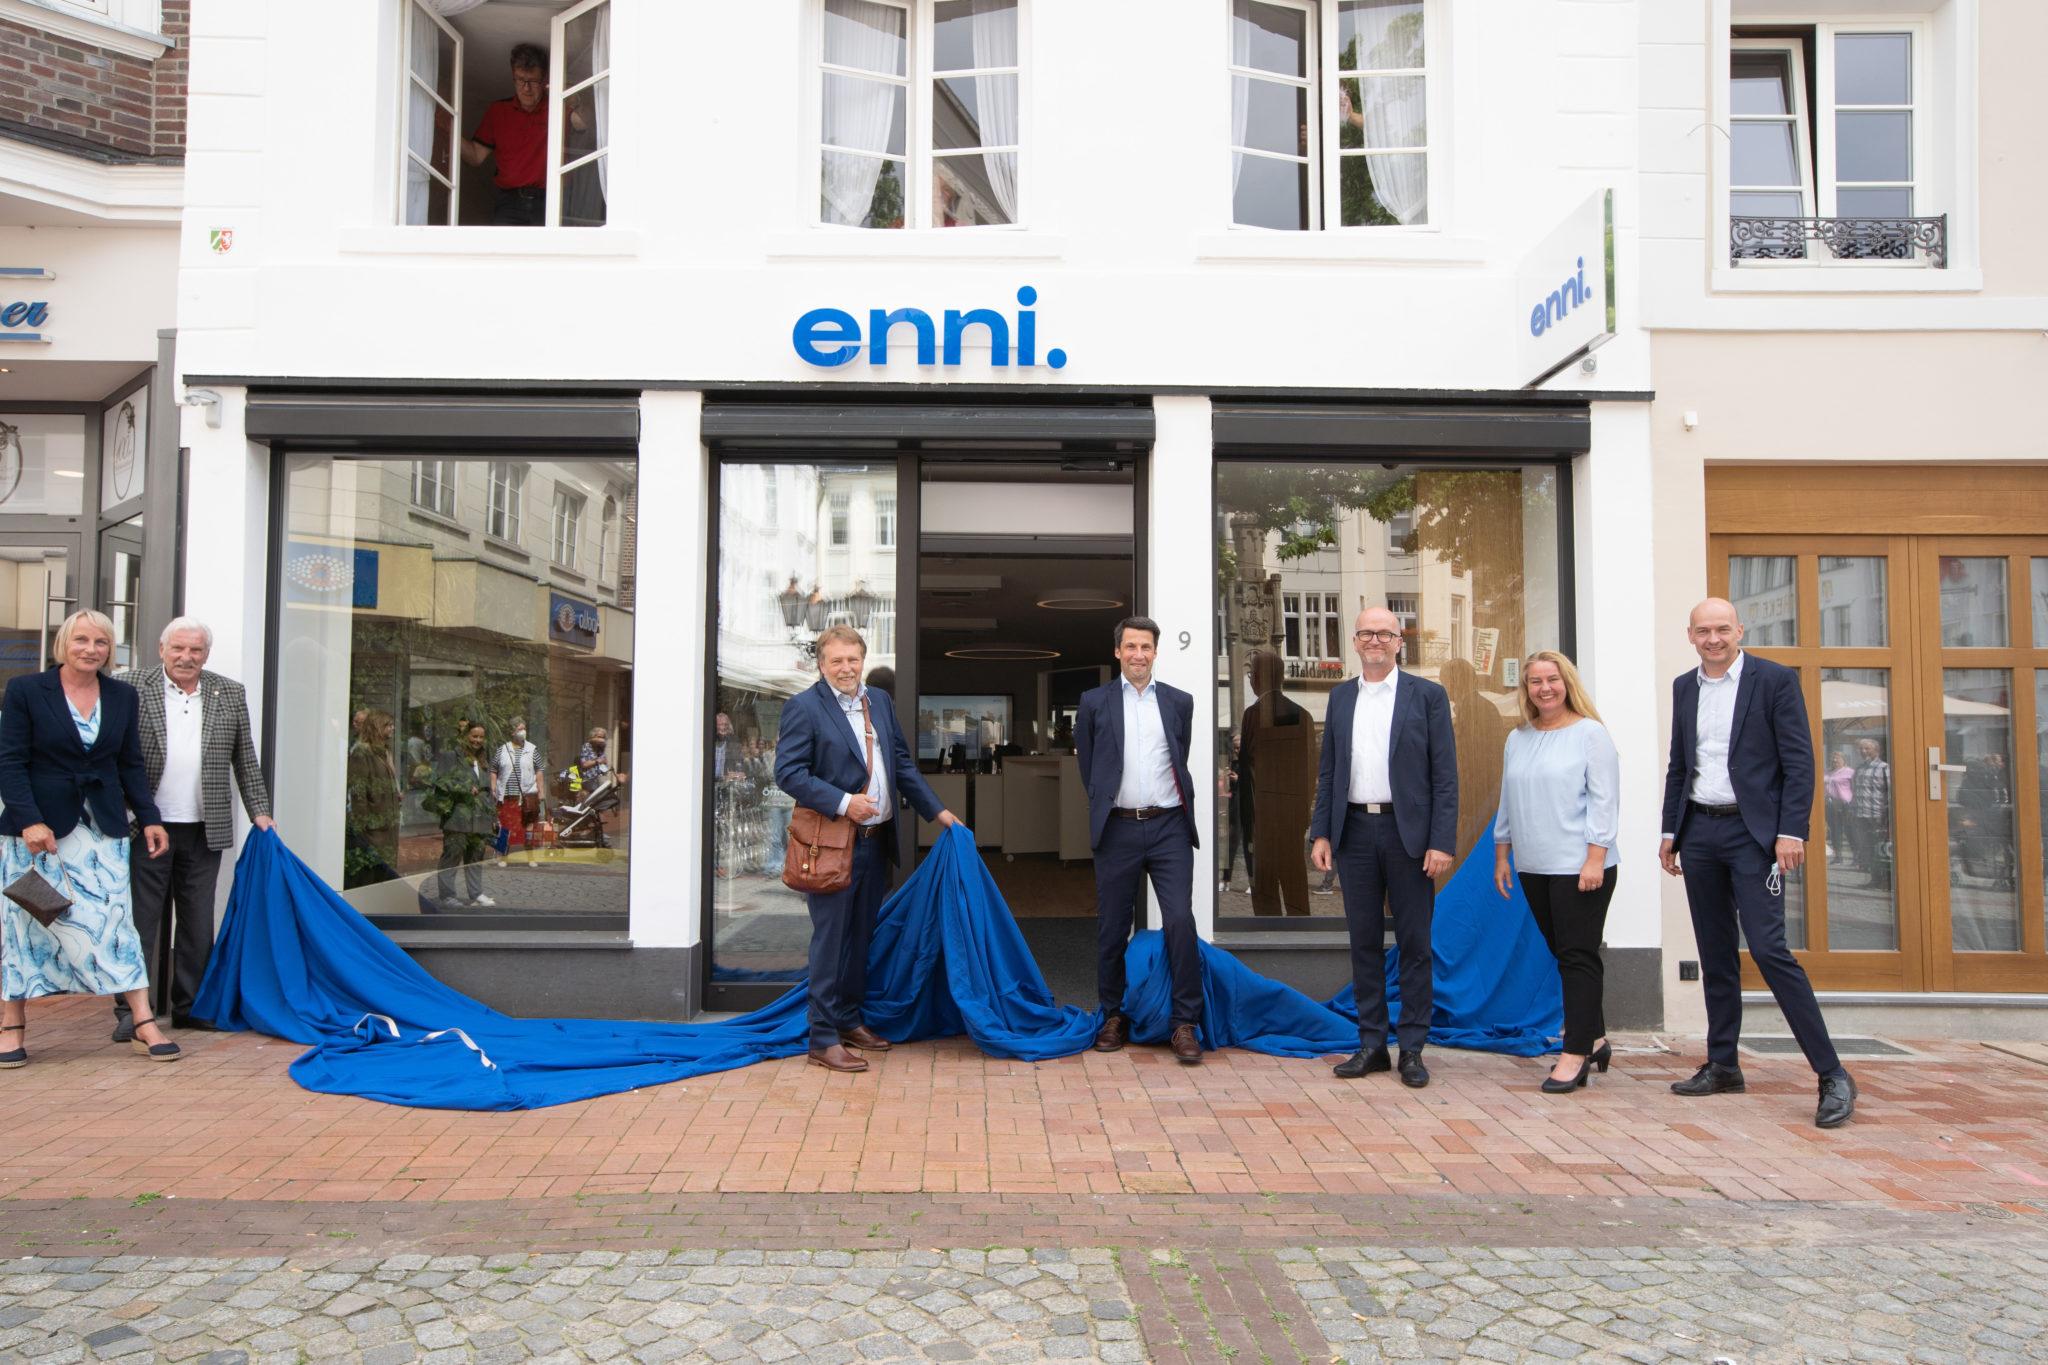 Mit dem neuem Kundenzentrum in der Innenstadt beginnt auch für die Marke Enni ein neues Zeitalter